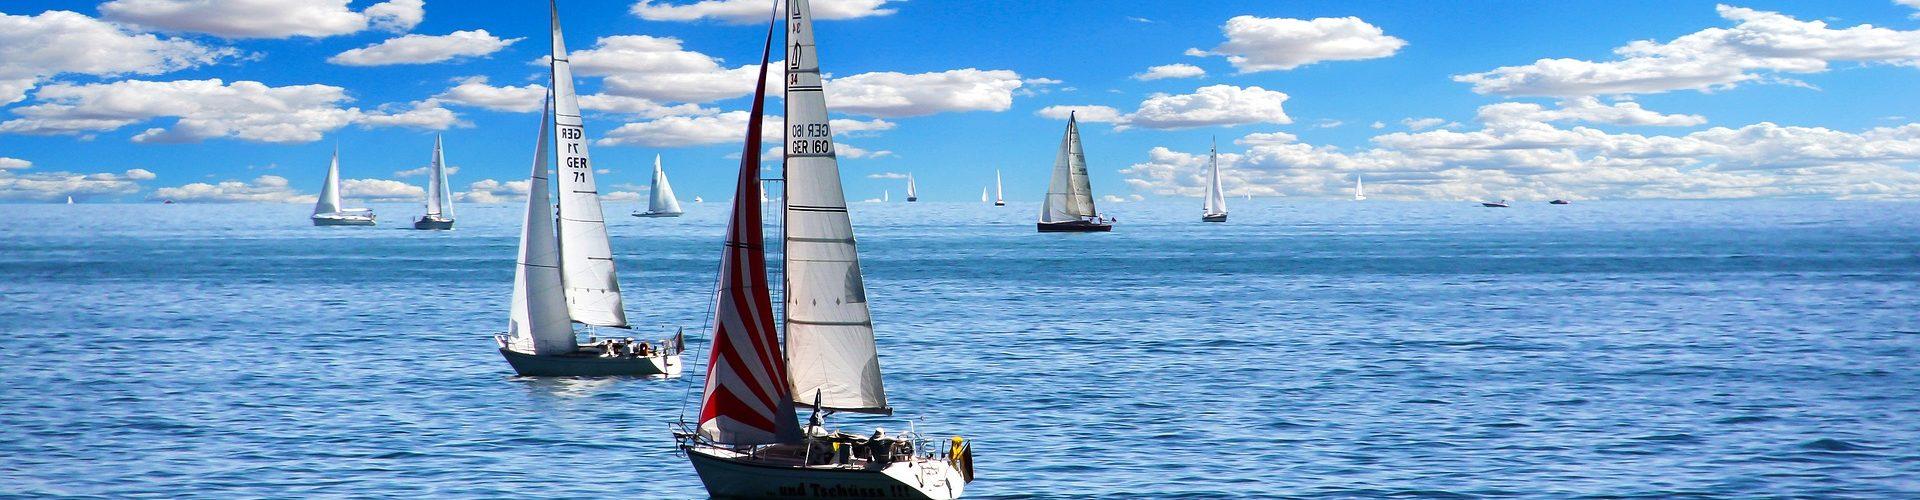 segeln lernen in Olfen segelschein machen in Olfen 1920x500 - Segeln lernen in Olfen